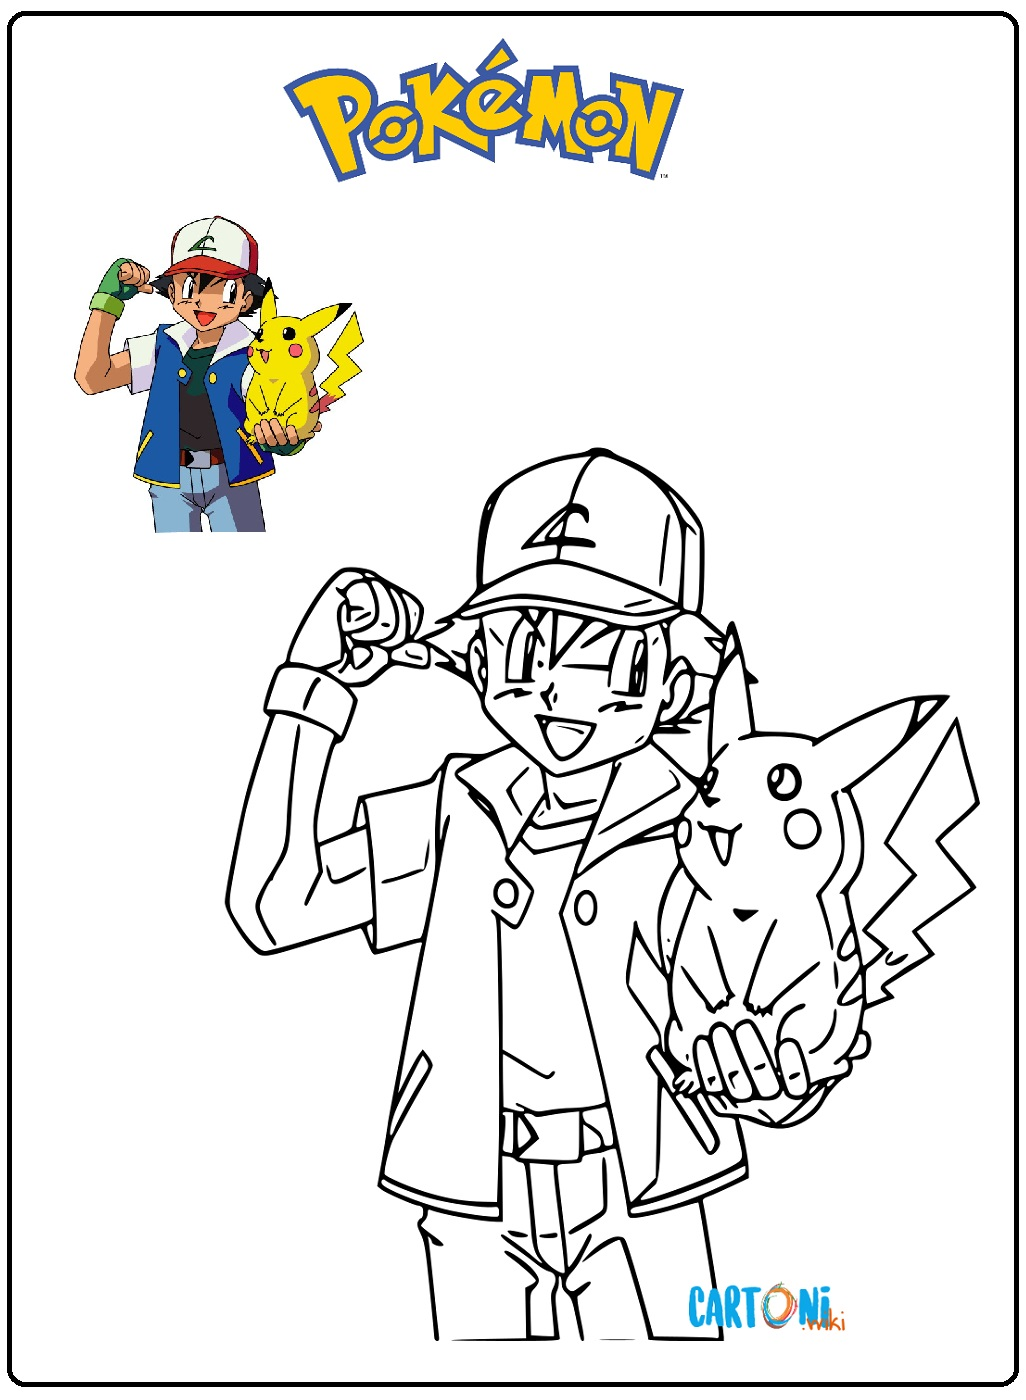 Pokemon disegno da colorare con Pikachu - Disegni da colorare